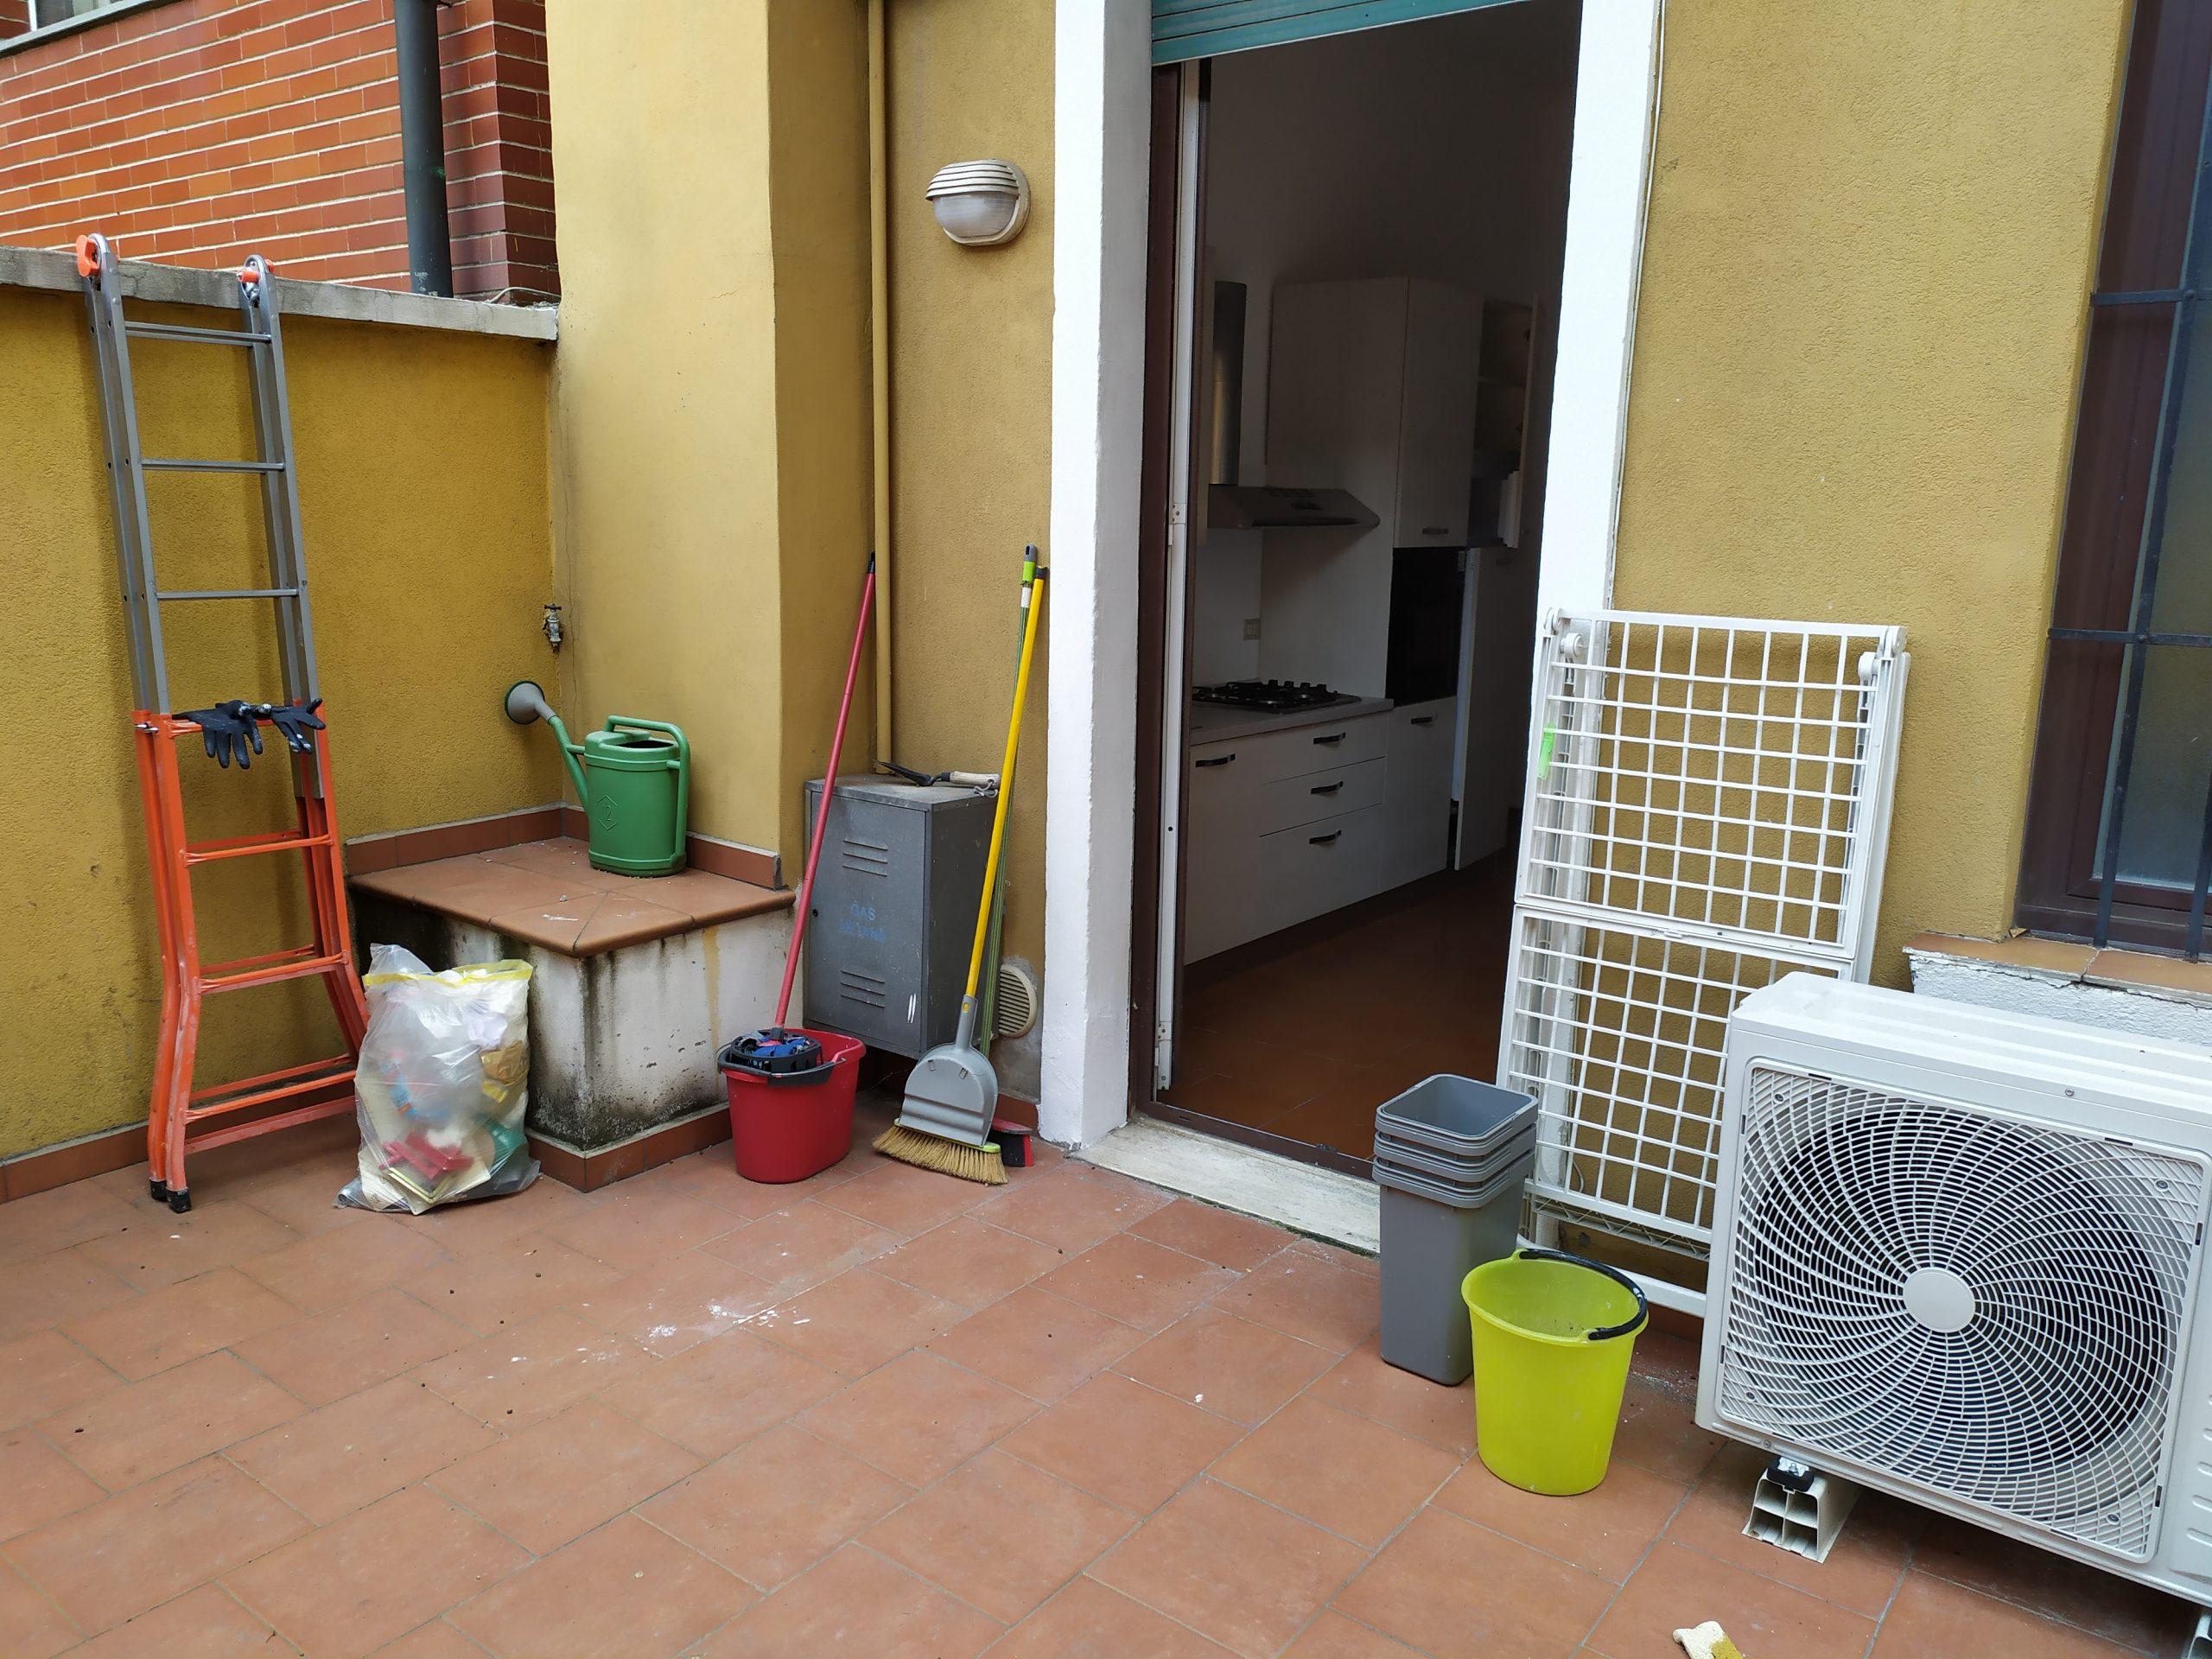 TRILOCALE ZONA P.ZA MIANI/FAMAGOSTA – Viale Faenza – RIF. AG. 3031